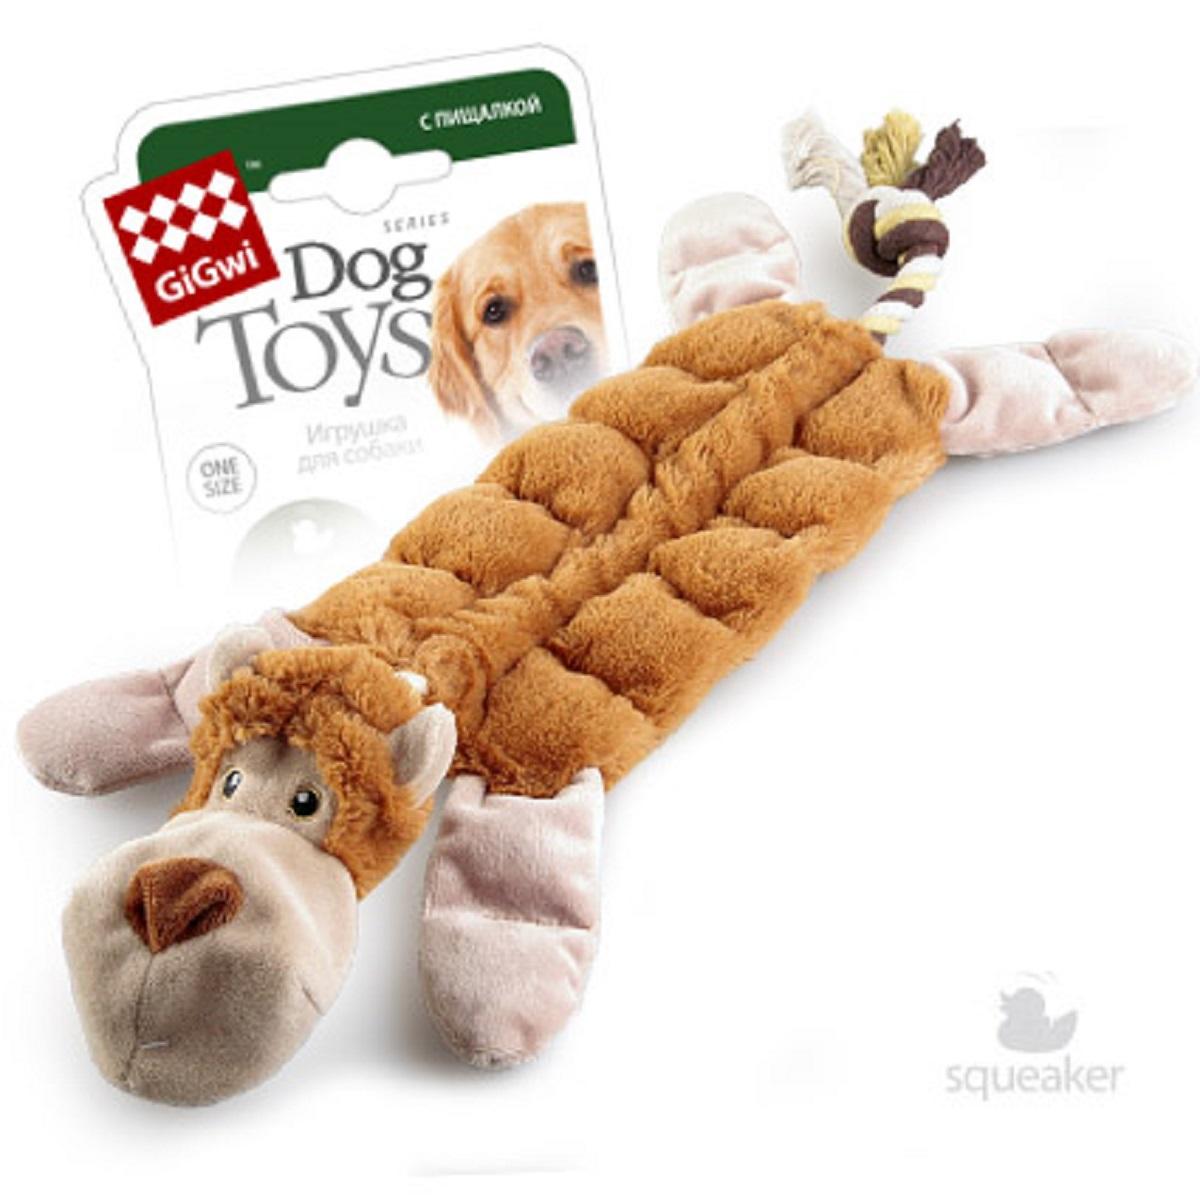 Игрушка для собак GiGwi Обезьяна с 19-ю пищалками, 34 см75088GiGwi игрушка для собак Обезьяна с 19-ю пищалками 34 см Игрушка для собак. Игрушка для собак с канатом и 19-ю пищалками. Для средних и больших собак.